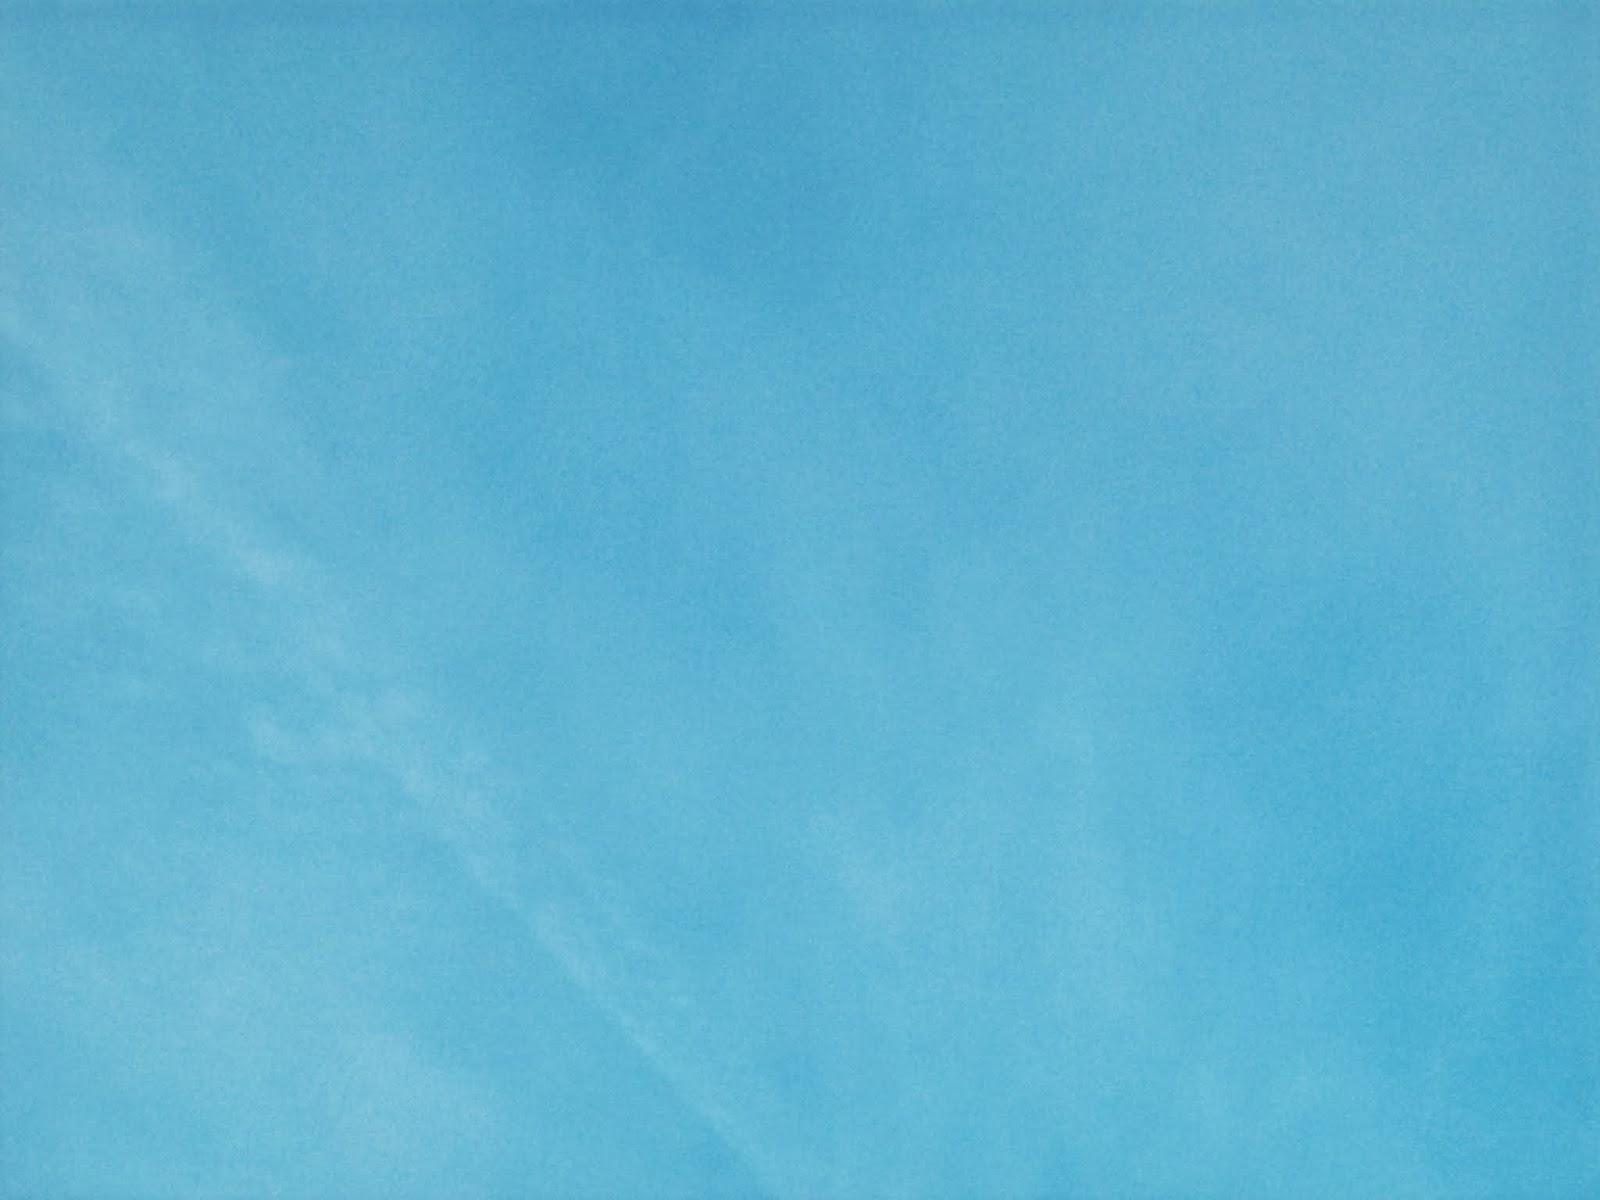 Sky - 114_6895.JPG